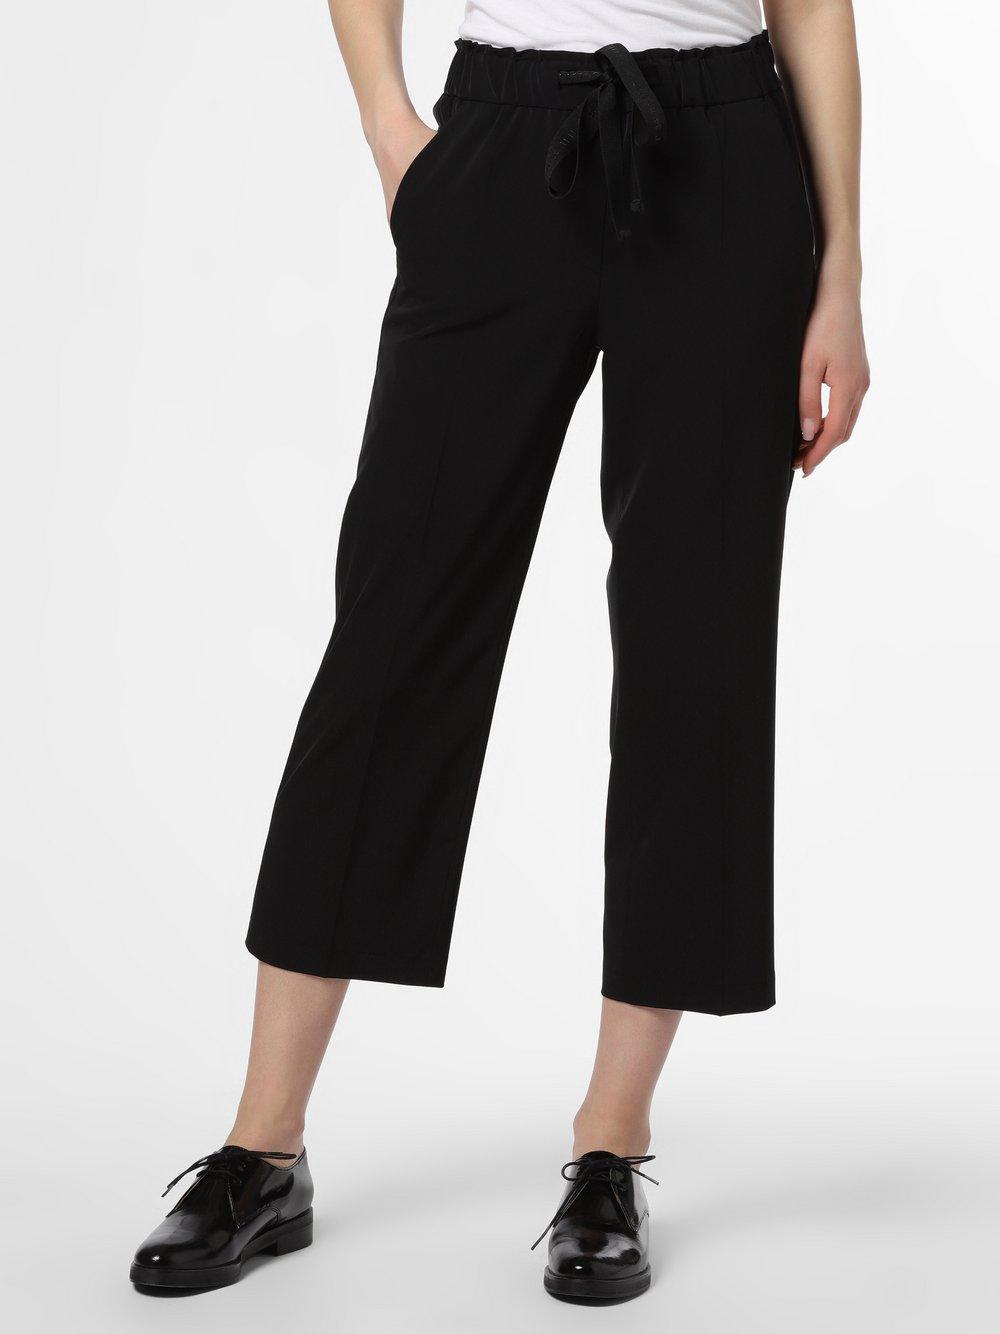 Cambio - Spodnie damskie – Colette, czarny